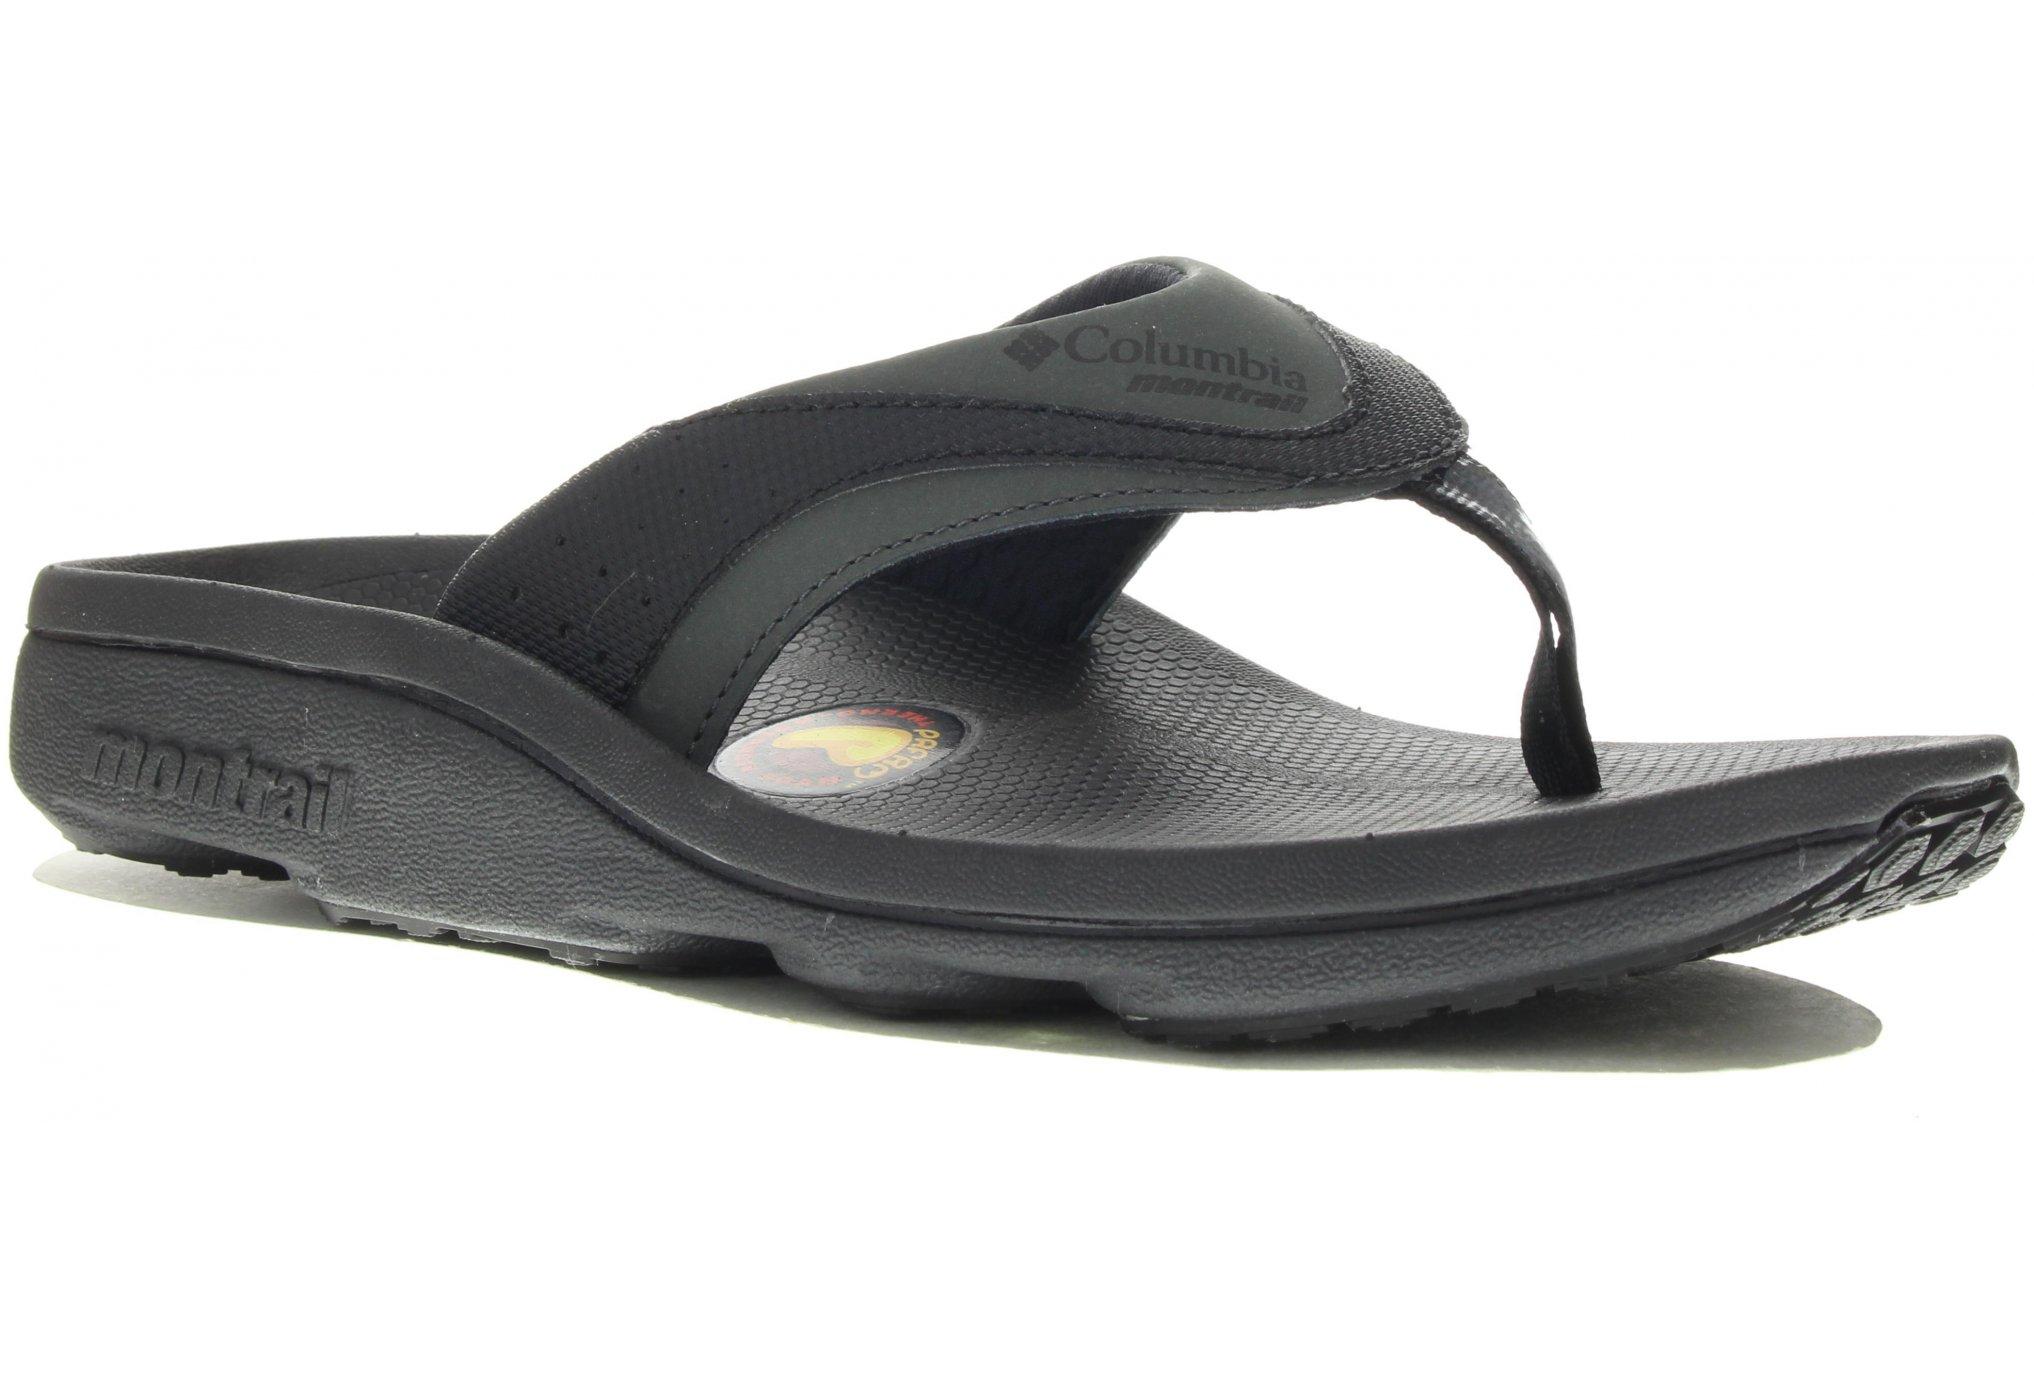 Columbia Montrail Molokai II M Diététique Chaussures homme